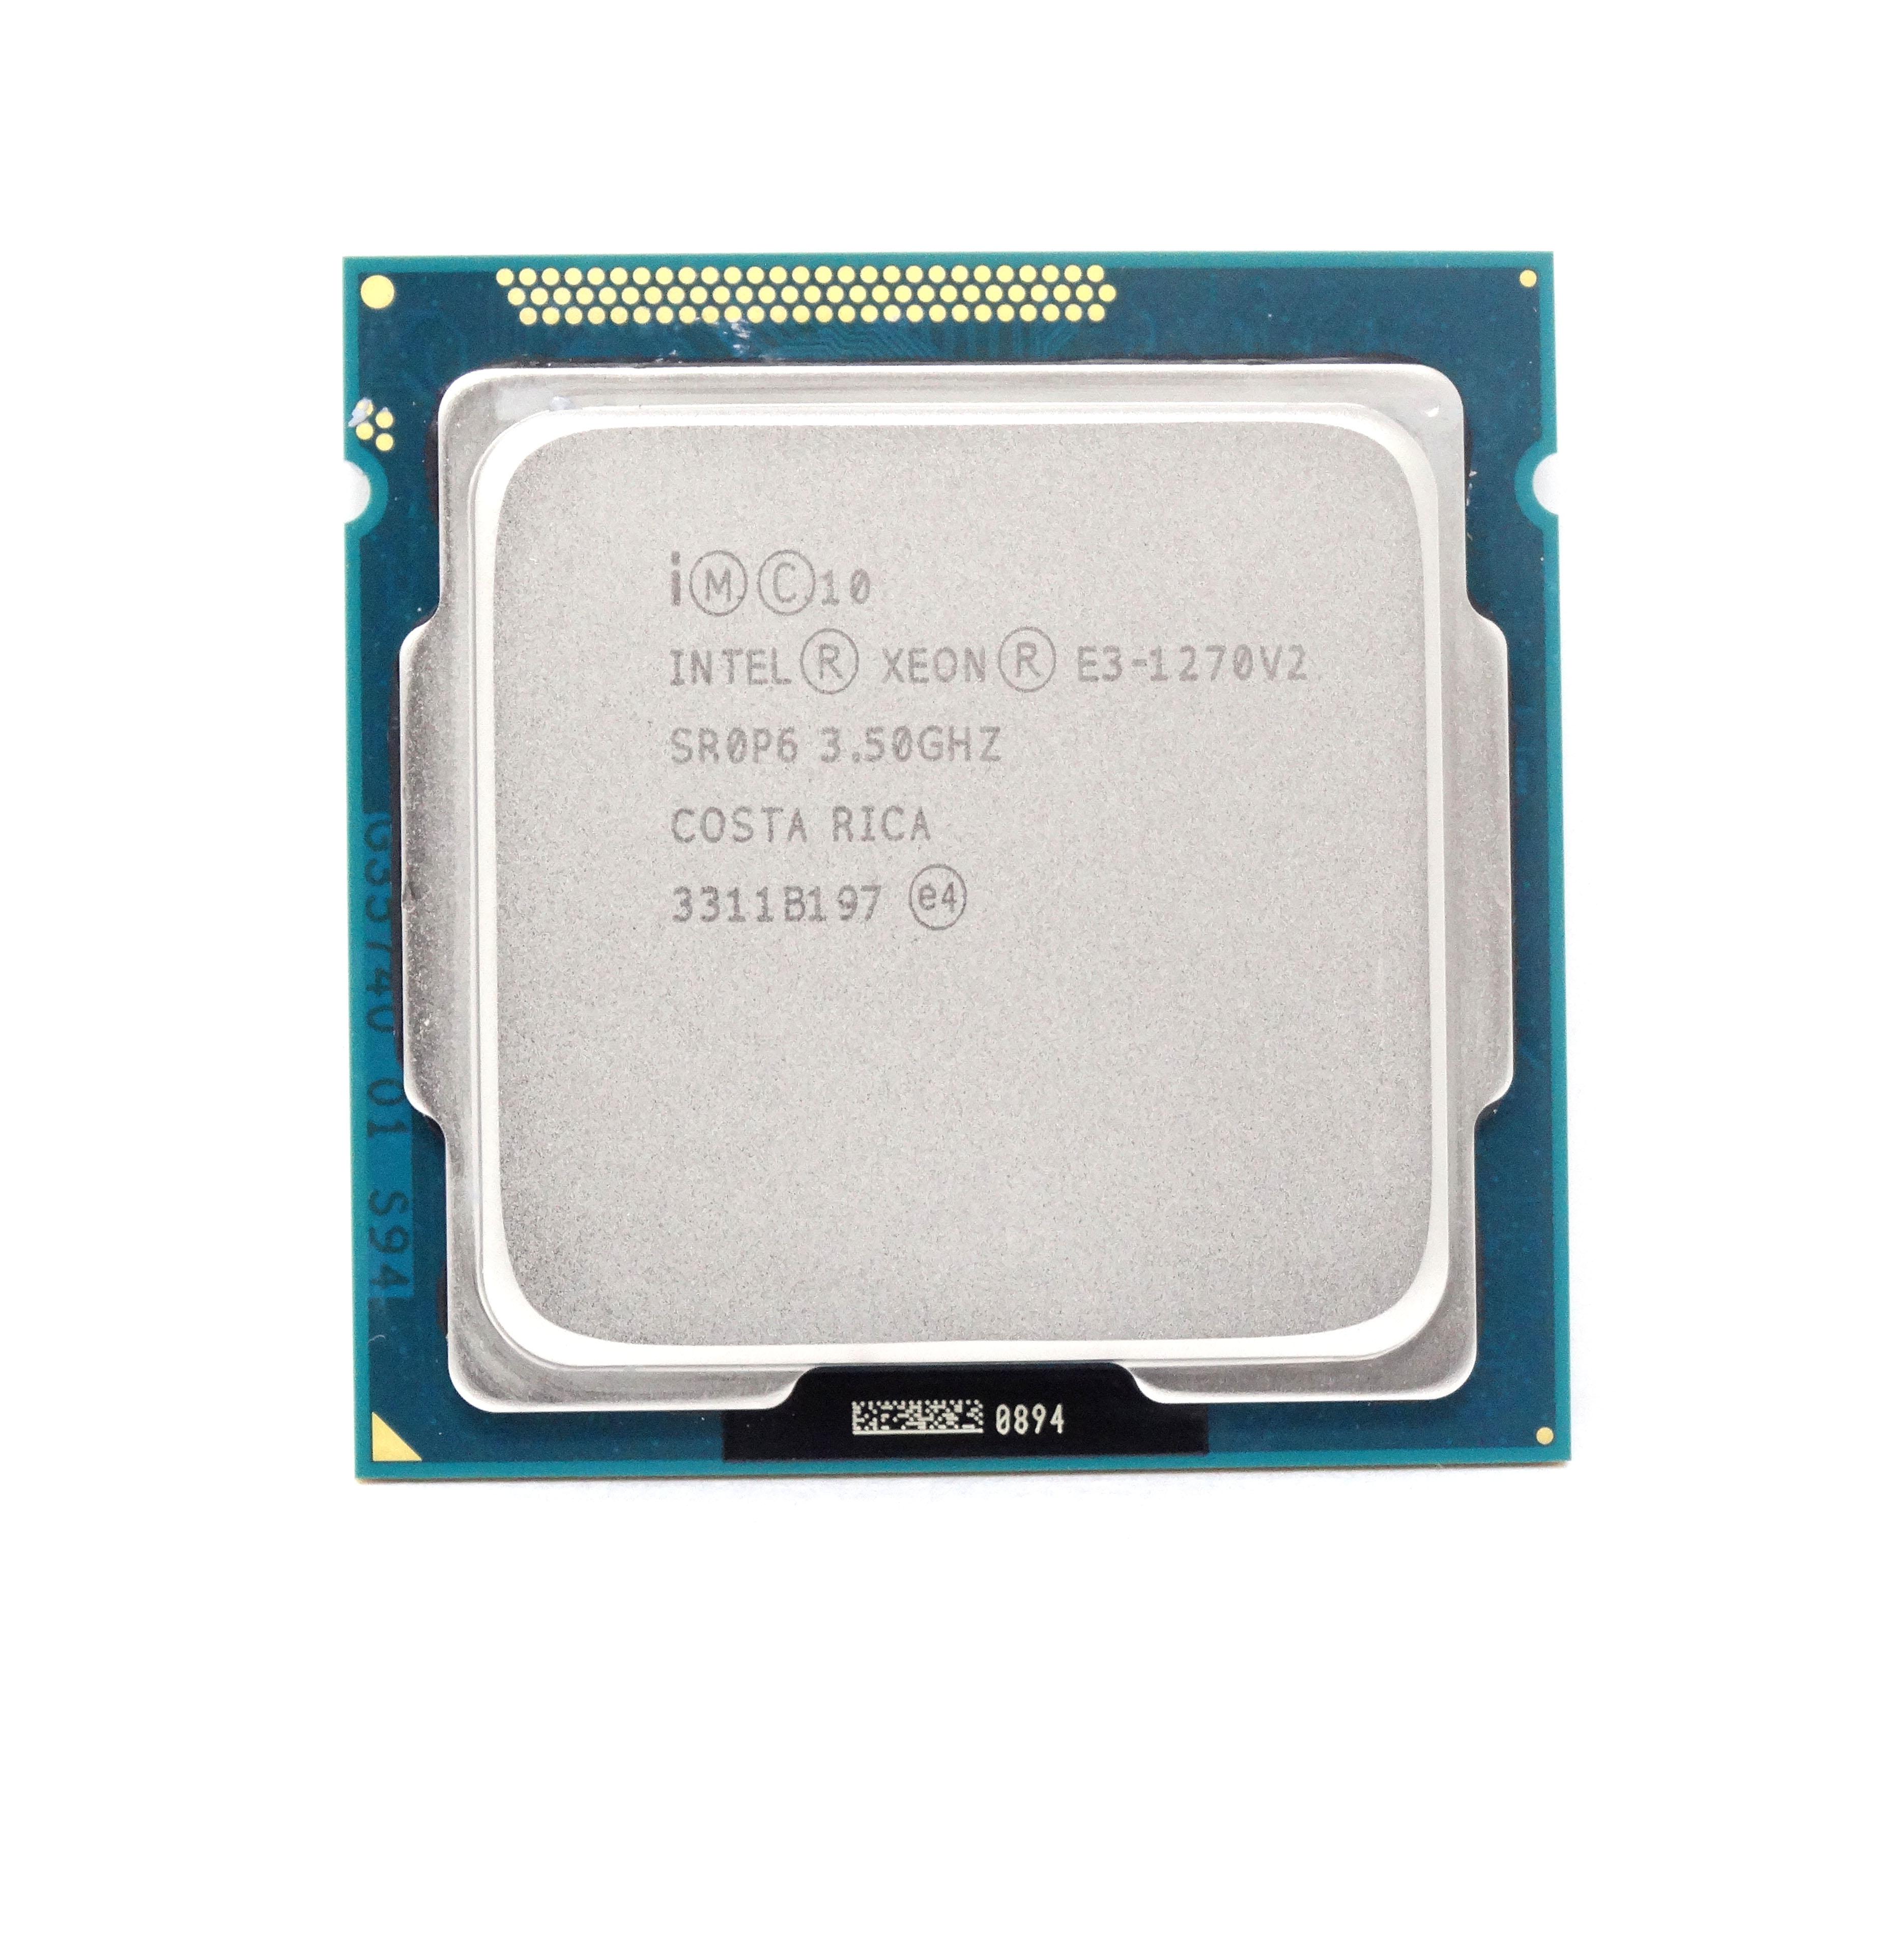 INTEL XEON E3-1270V2 QUAD CORE 3.5GHZ 8MB CACHE PROCESSOR (SR0P6)